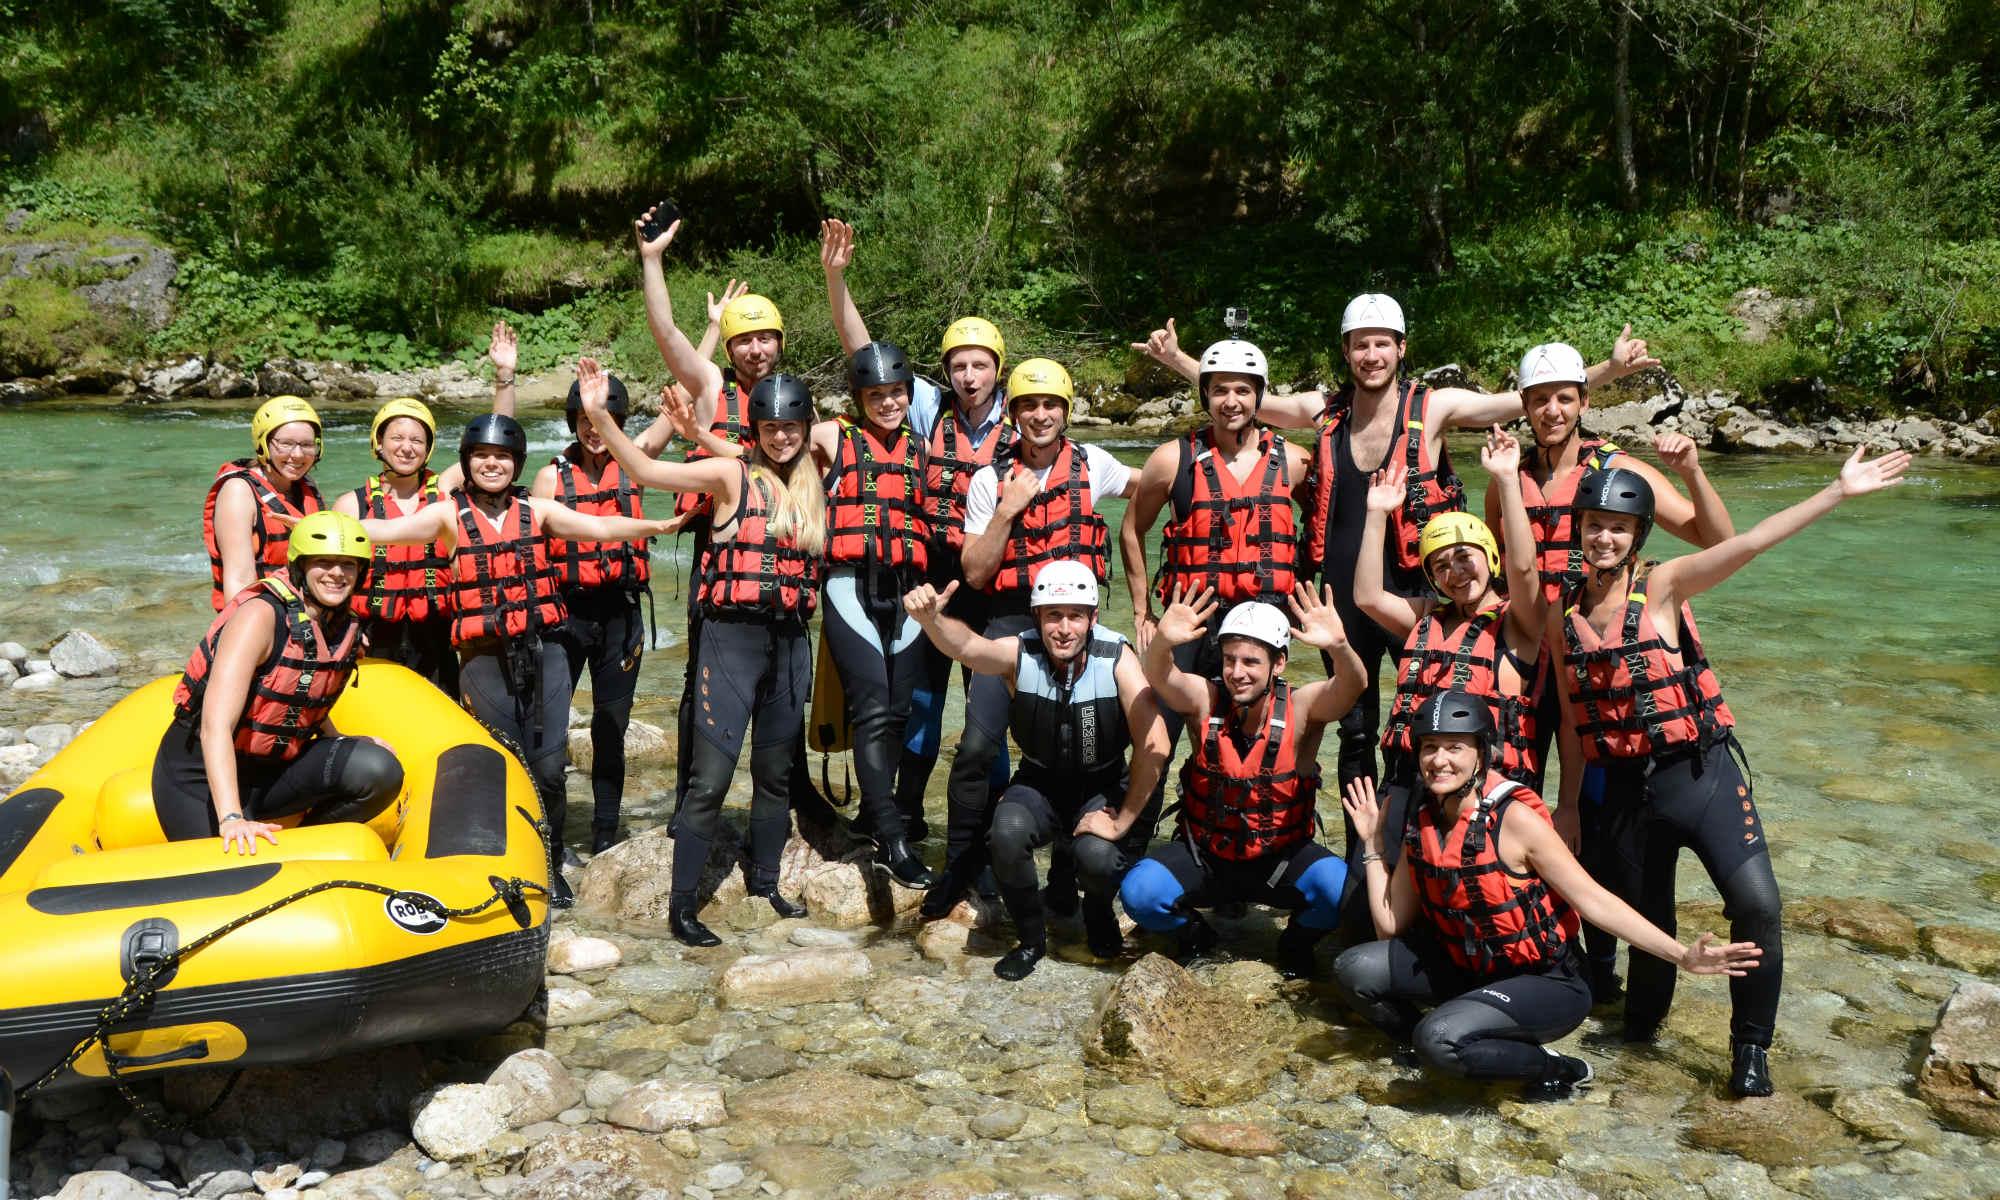 Eine große Gruppe hat Spaß bei ihrer Rafting Tour.